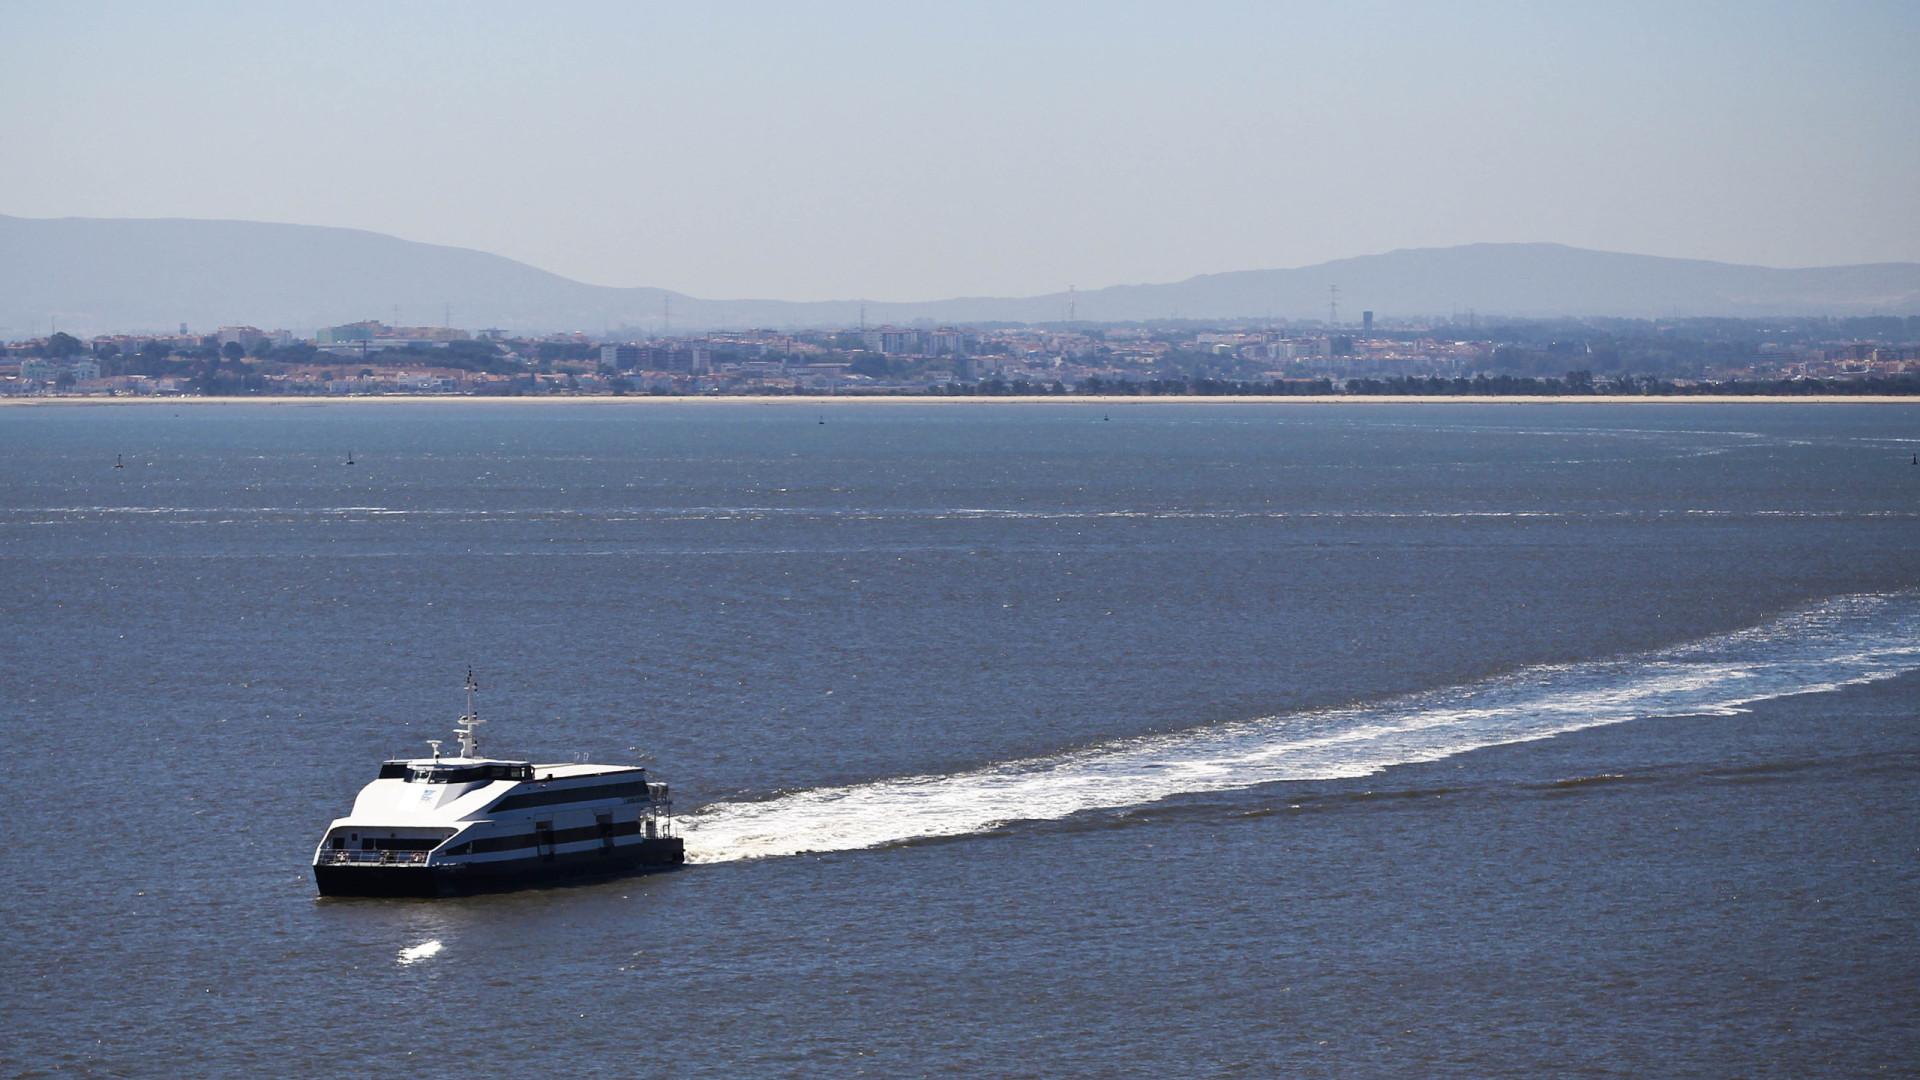 Ligação fluvial entre Barreiro e Lisboa será normalizada hoje